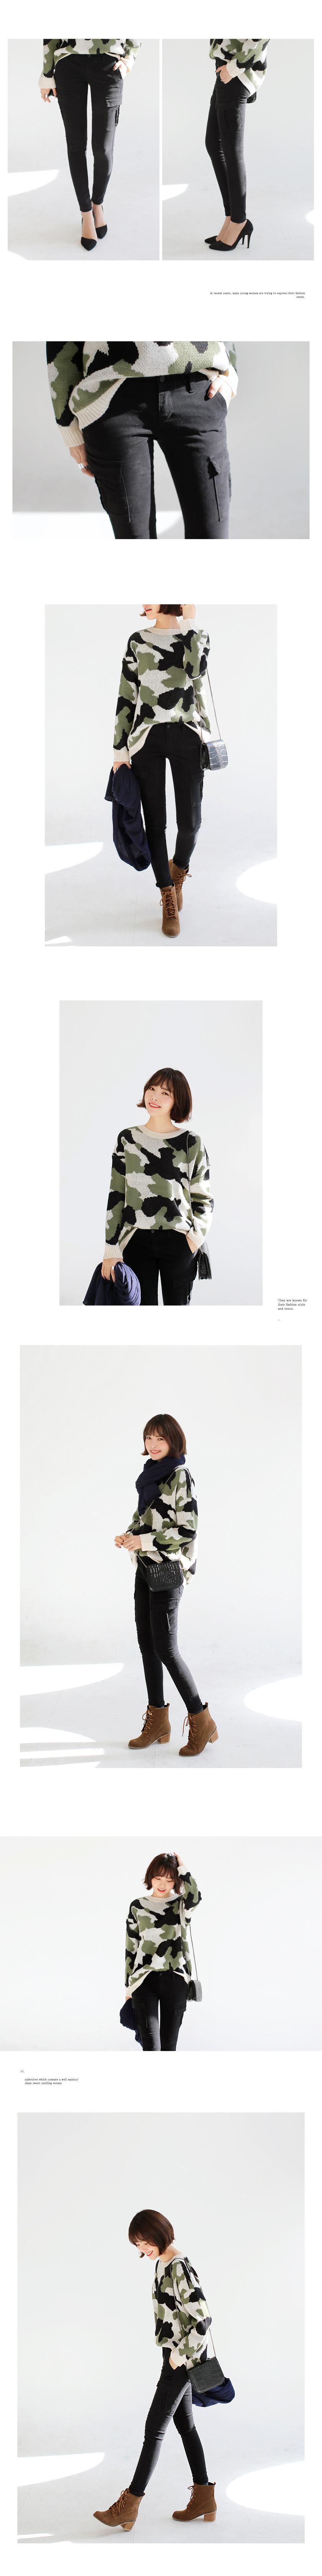 084カーゴスキニーパンツ・全2色パンツ・ズボンパンツ・ズボン|レディースファッション通販 DHOLICディーホリック [ファストファッション 水着 ワンピース]